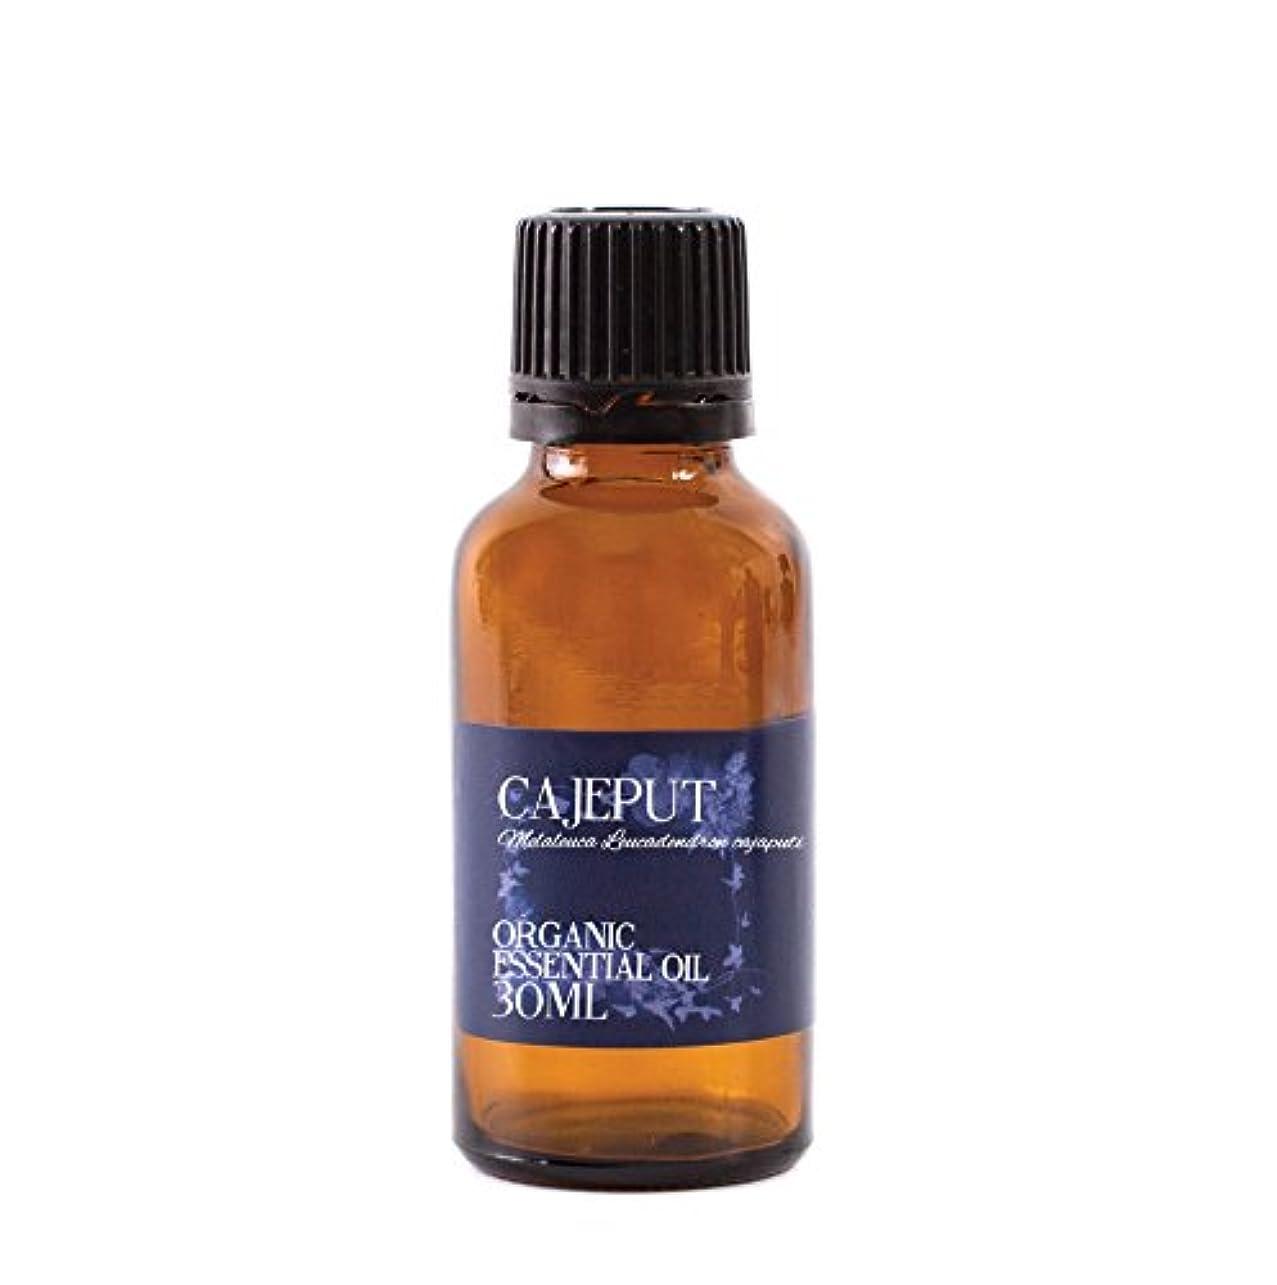 弱める掘るヒゲクジラMystic Moments | Cajeput Organic Essential Oil - 30ml - 100% Pure